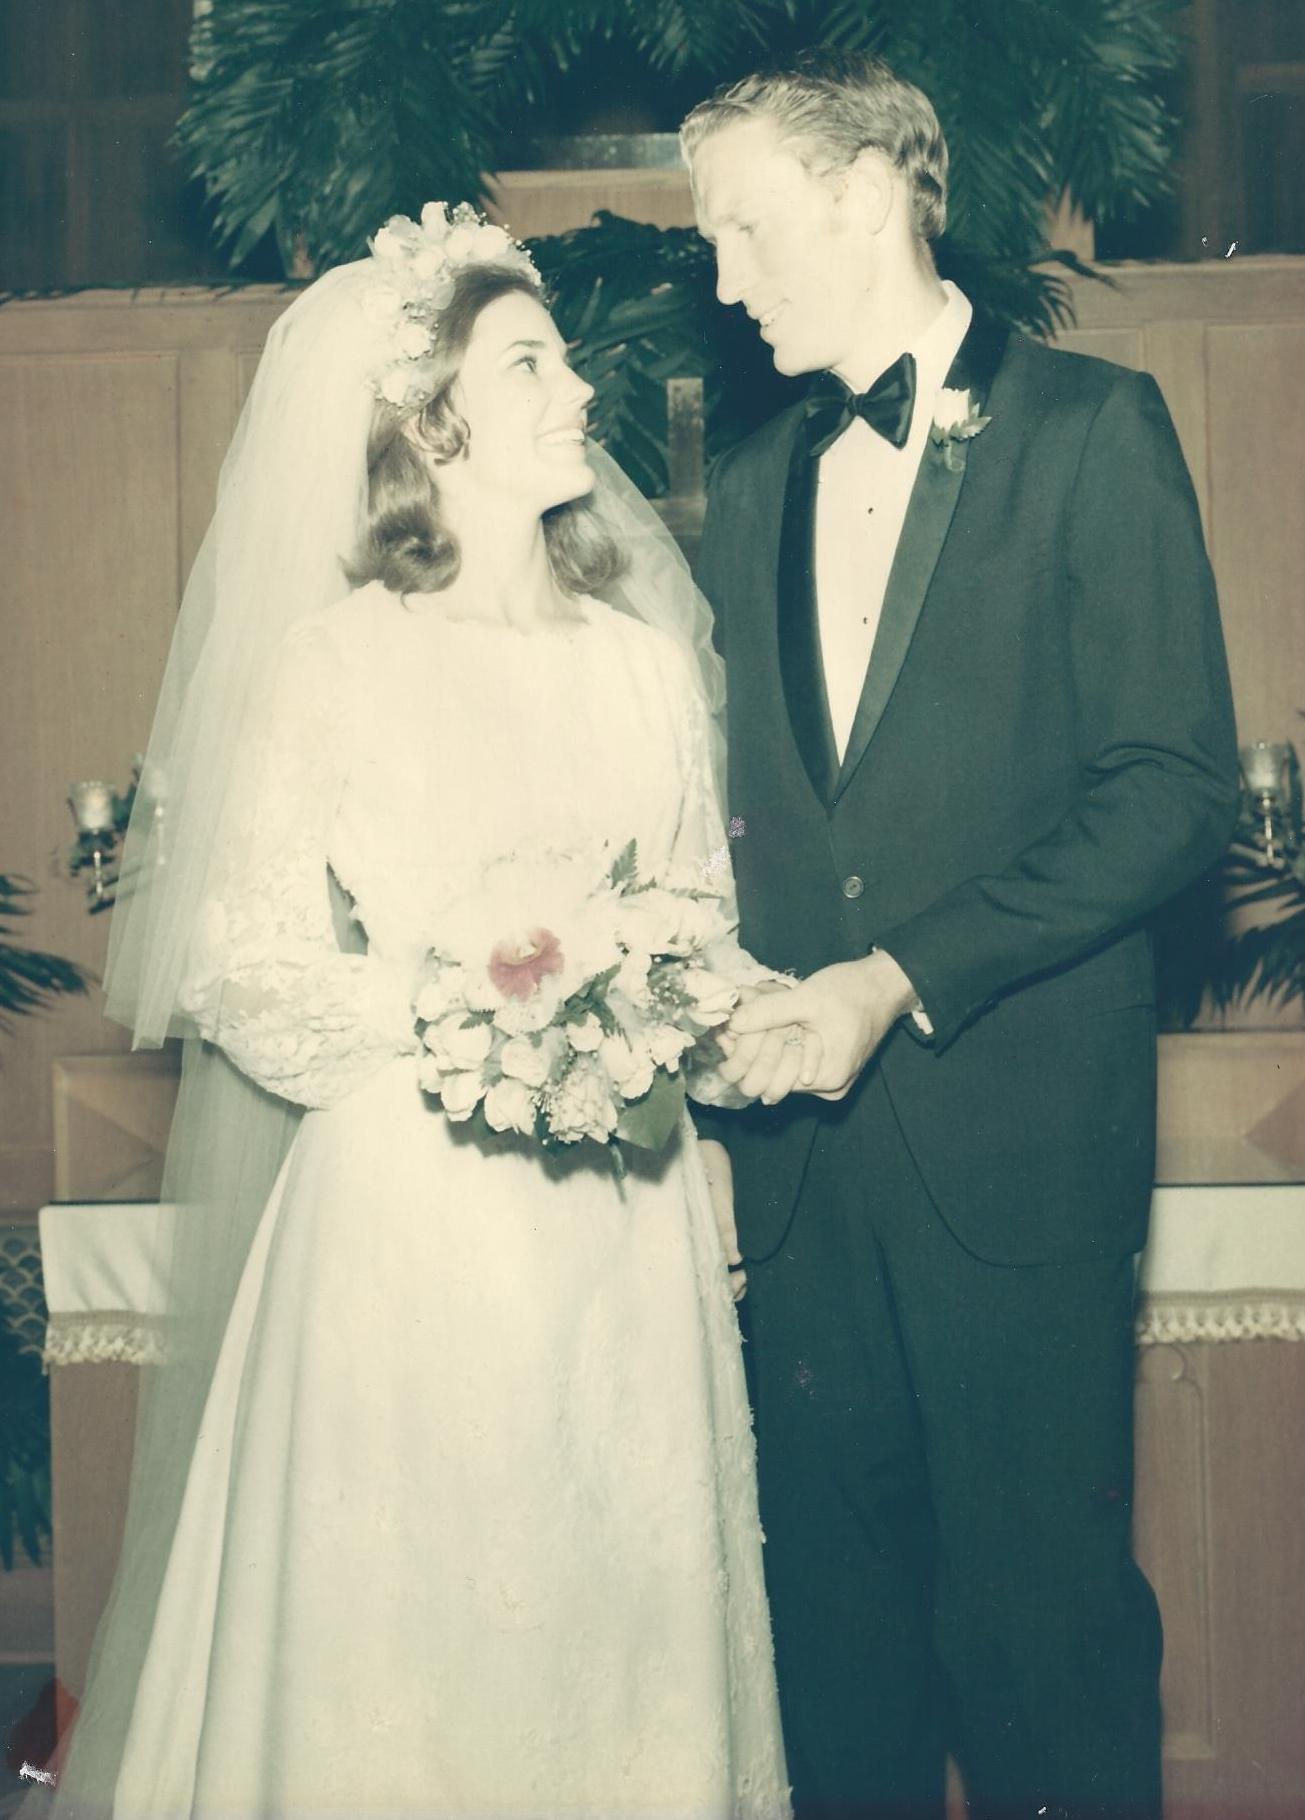 Jim_&_Darlynne_Beard,_Aug._15,1970_001.jpg